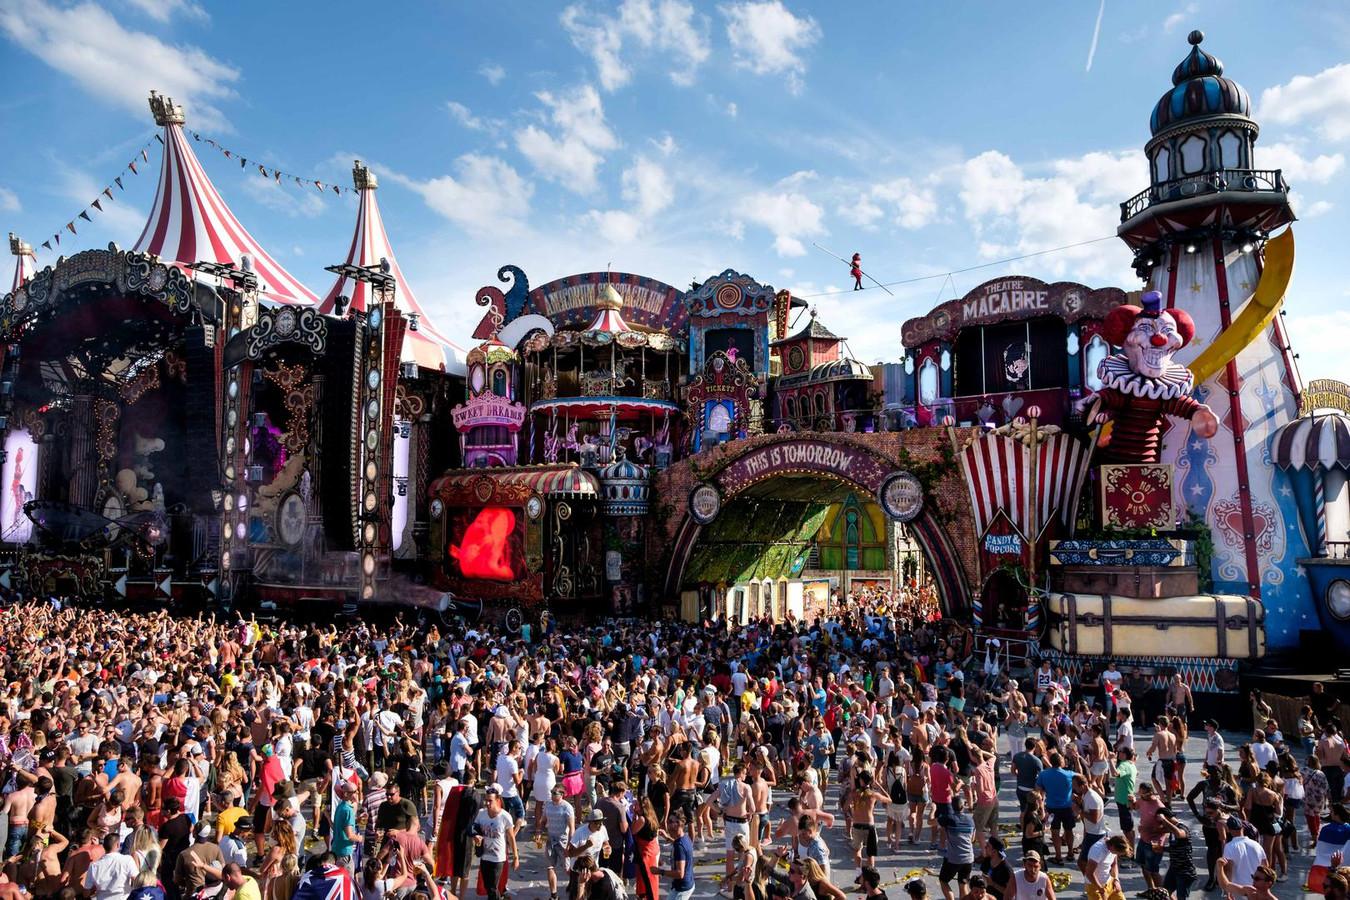 Tomorrowland vorig jaar. Ook de 14de editie wordt ongetwijfeld weer een feestje.